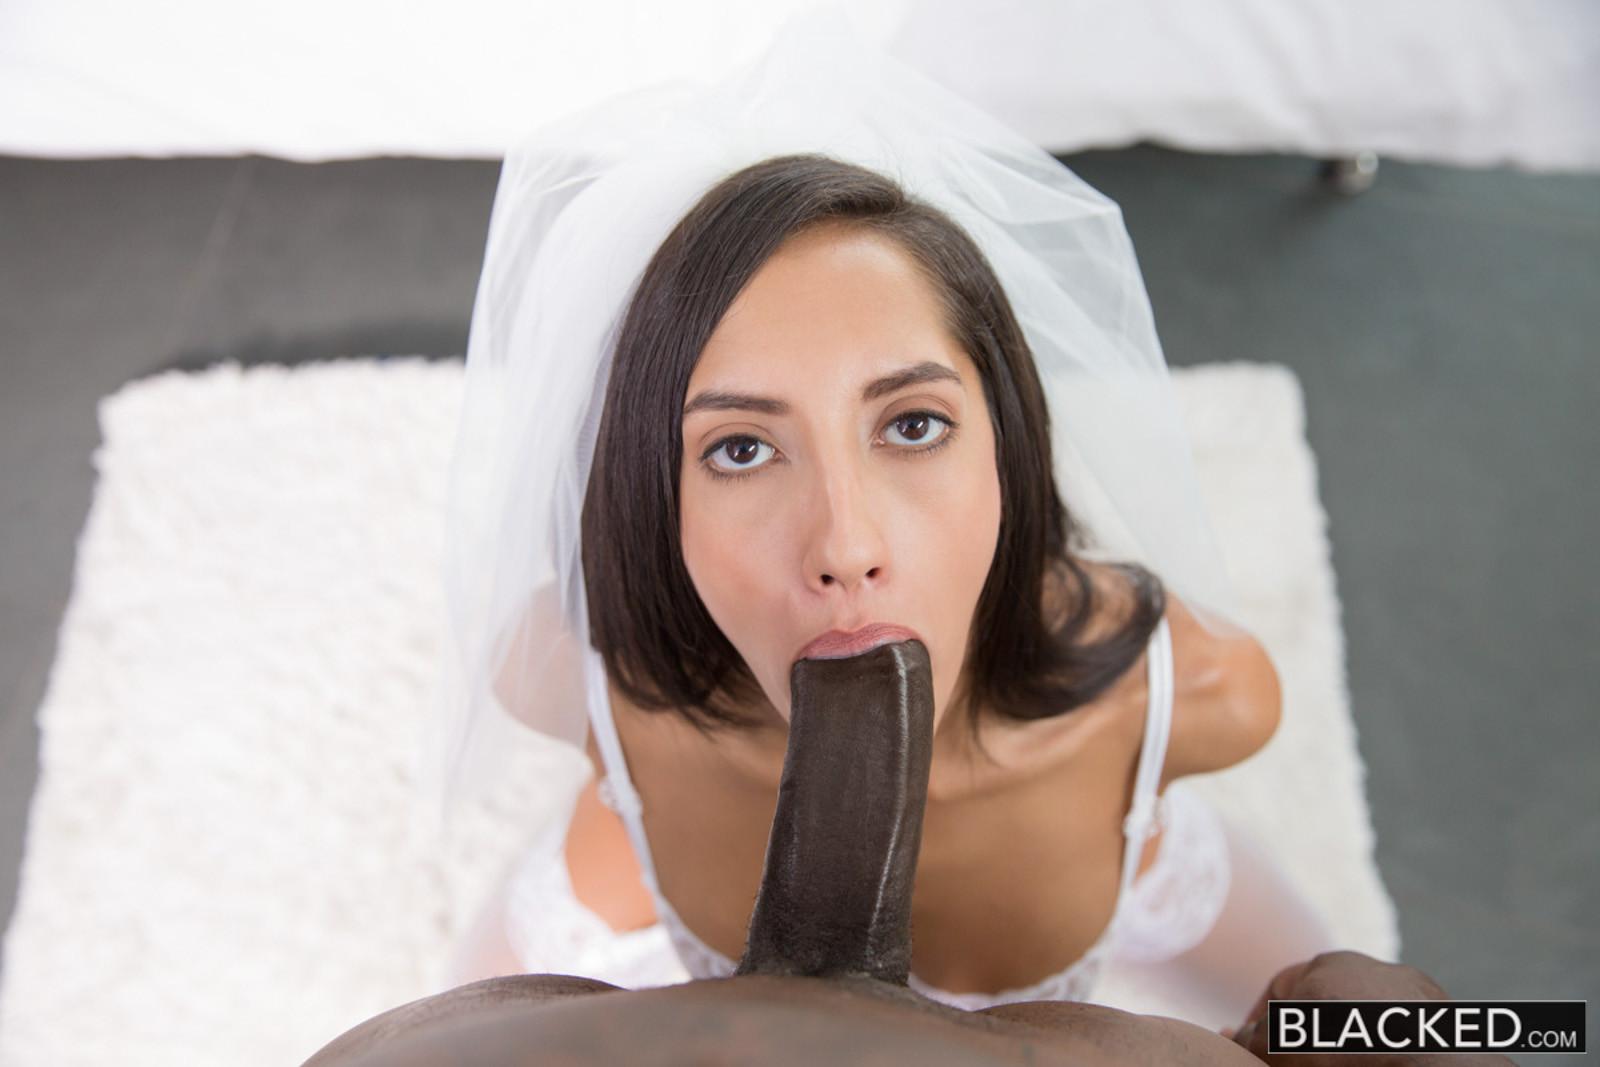 Девушка с фатой дразнит собой темнокожего красавца, а затем позволяет ему трахать себя